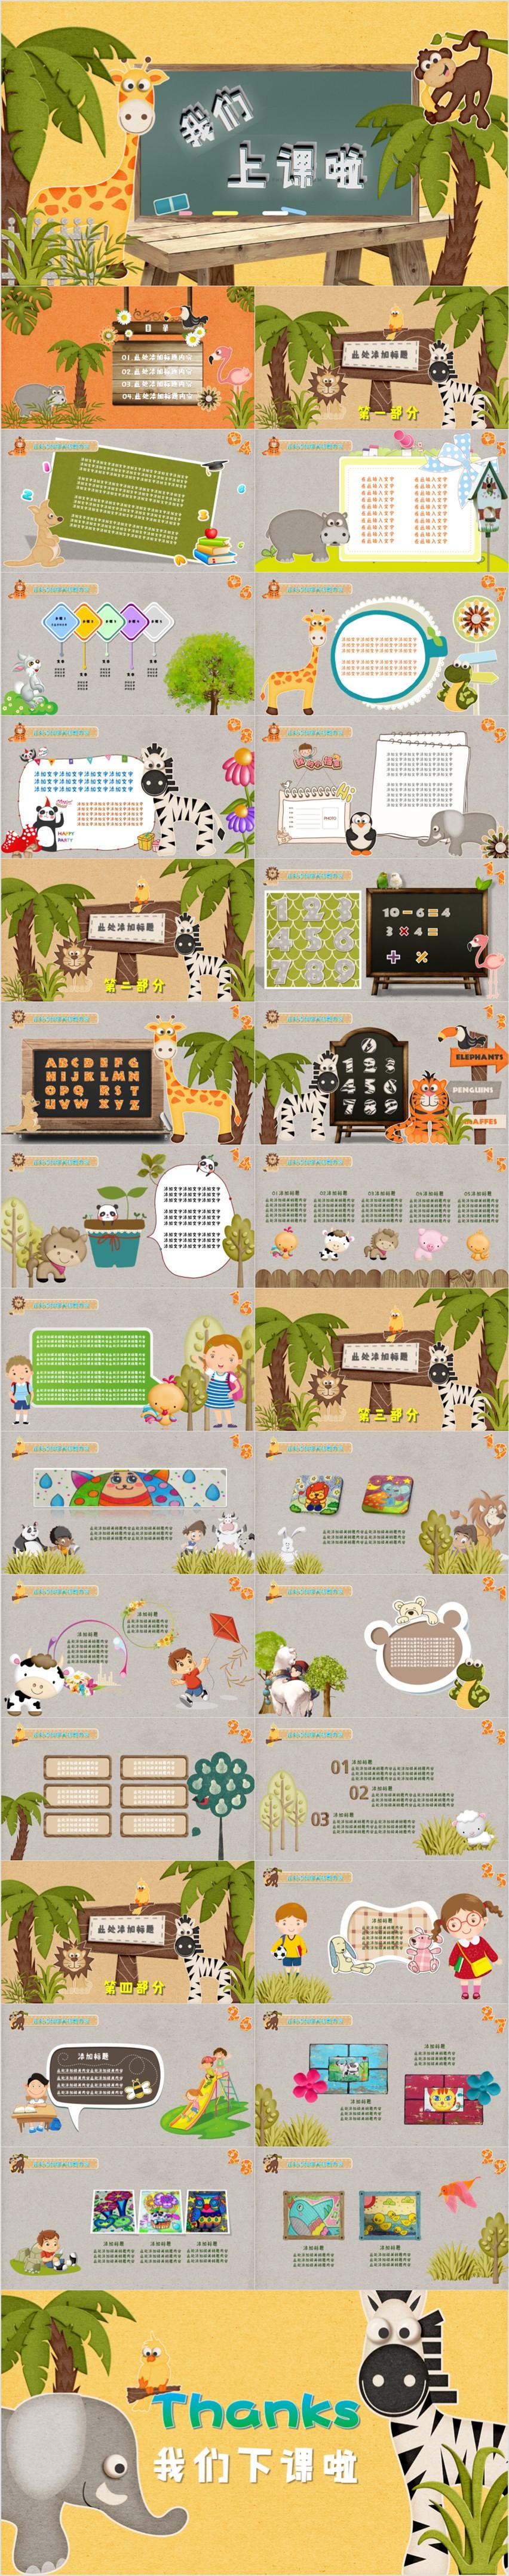 作品标题:我们上课啦卡通动物儿童教育教学ppt模板